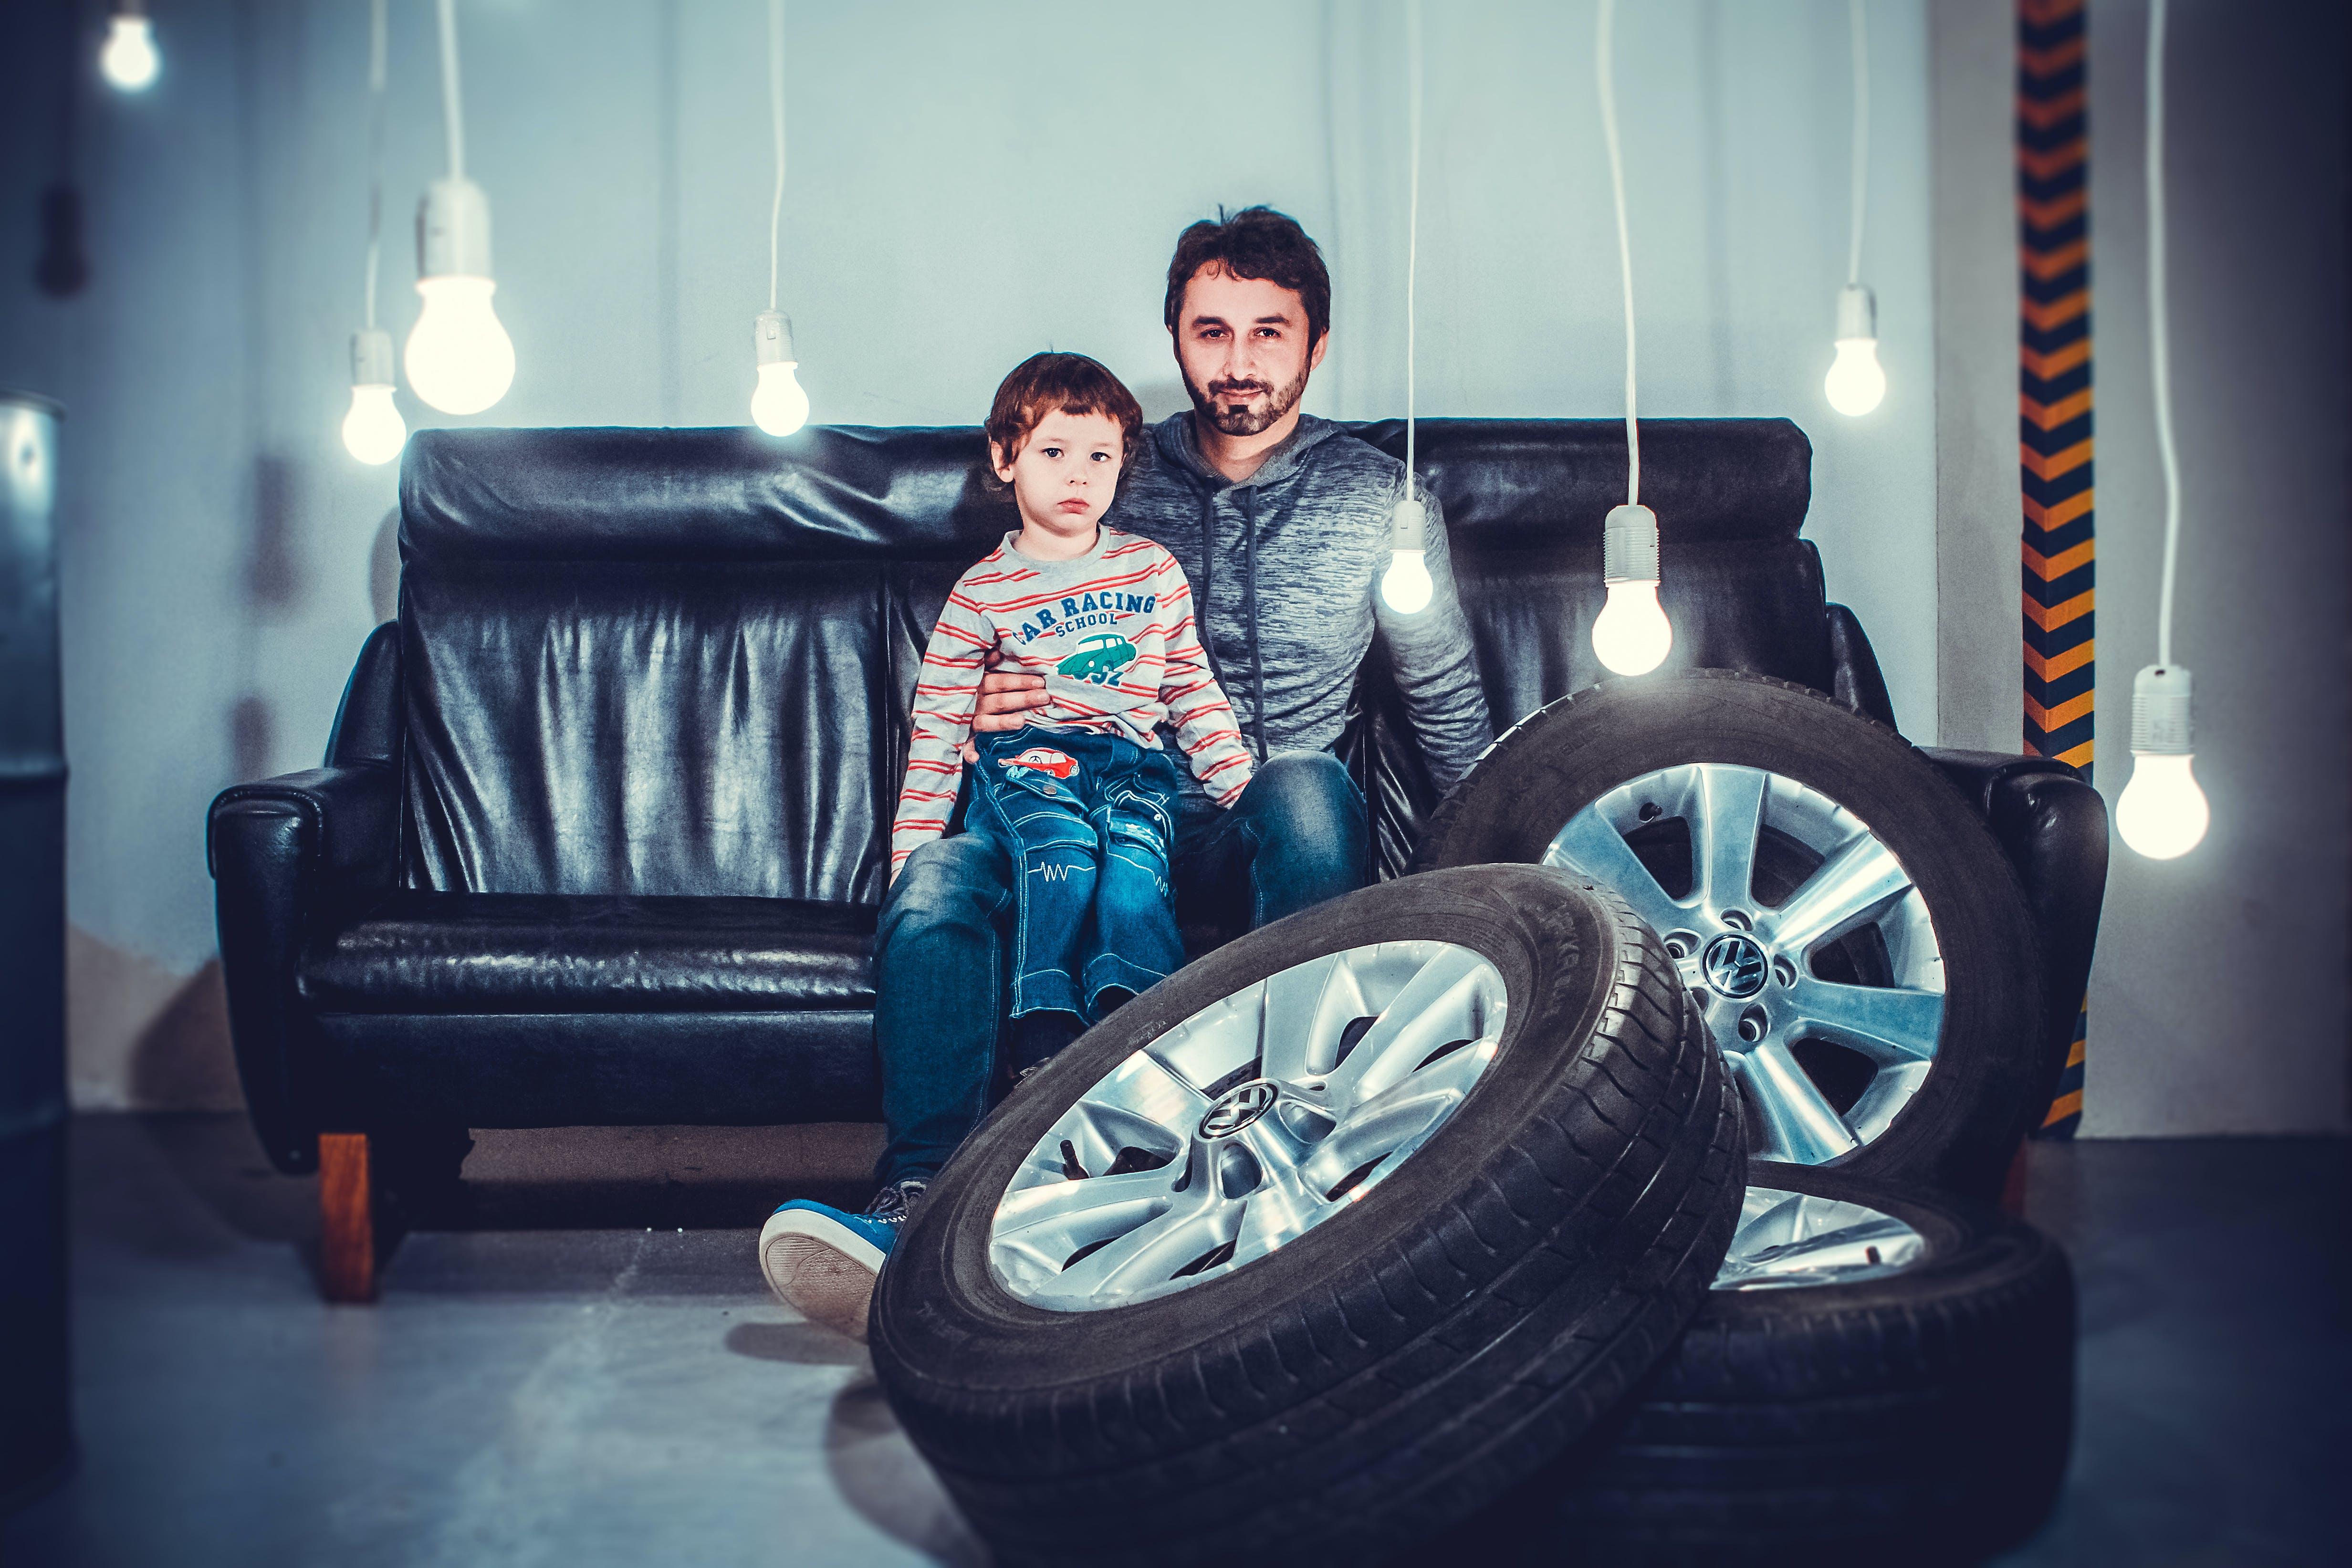 Kostnadsfri bild av ansiktsuttryck, barn, däck, familj